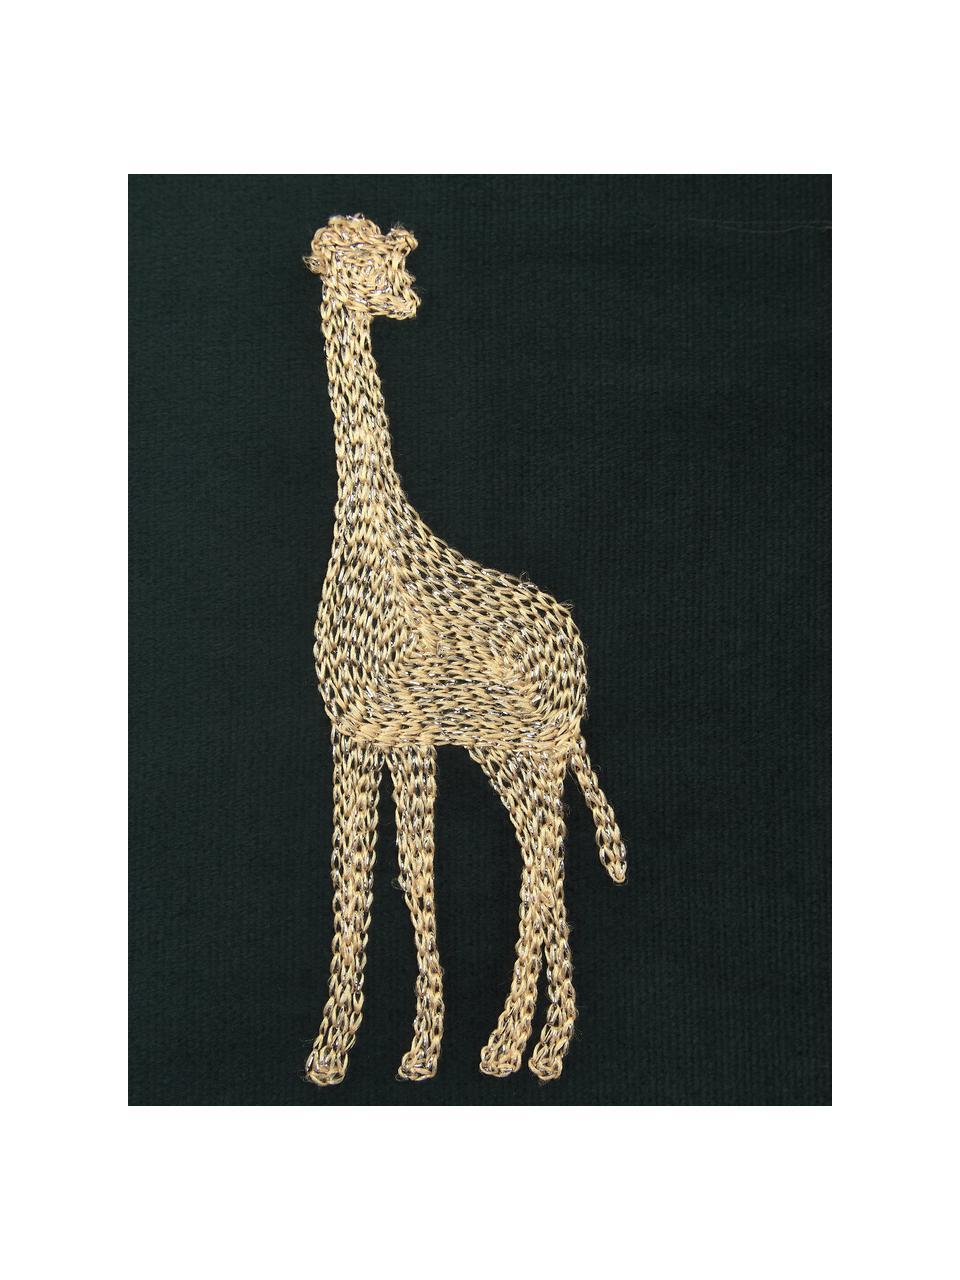 Haftowana poduszka z aksamitu  z wypełnieniem Giraffe, 100% aksamit (poliester), Zielony, odcienie złotego, S 45 x D 45 cm